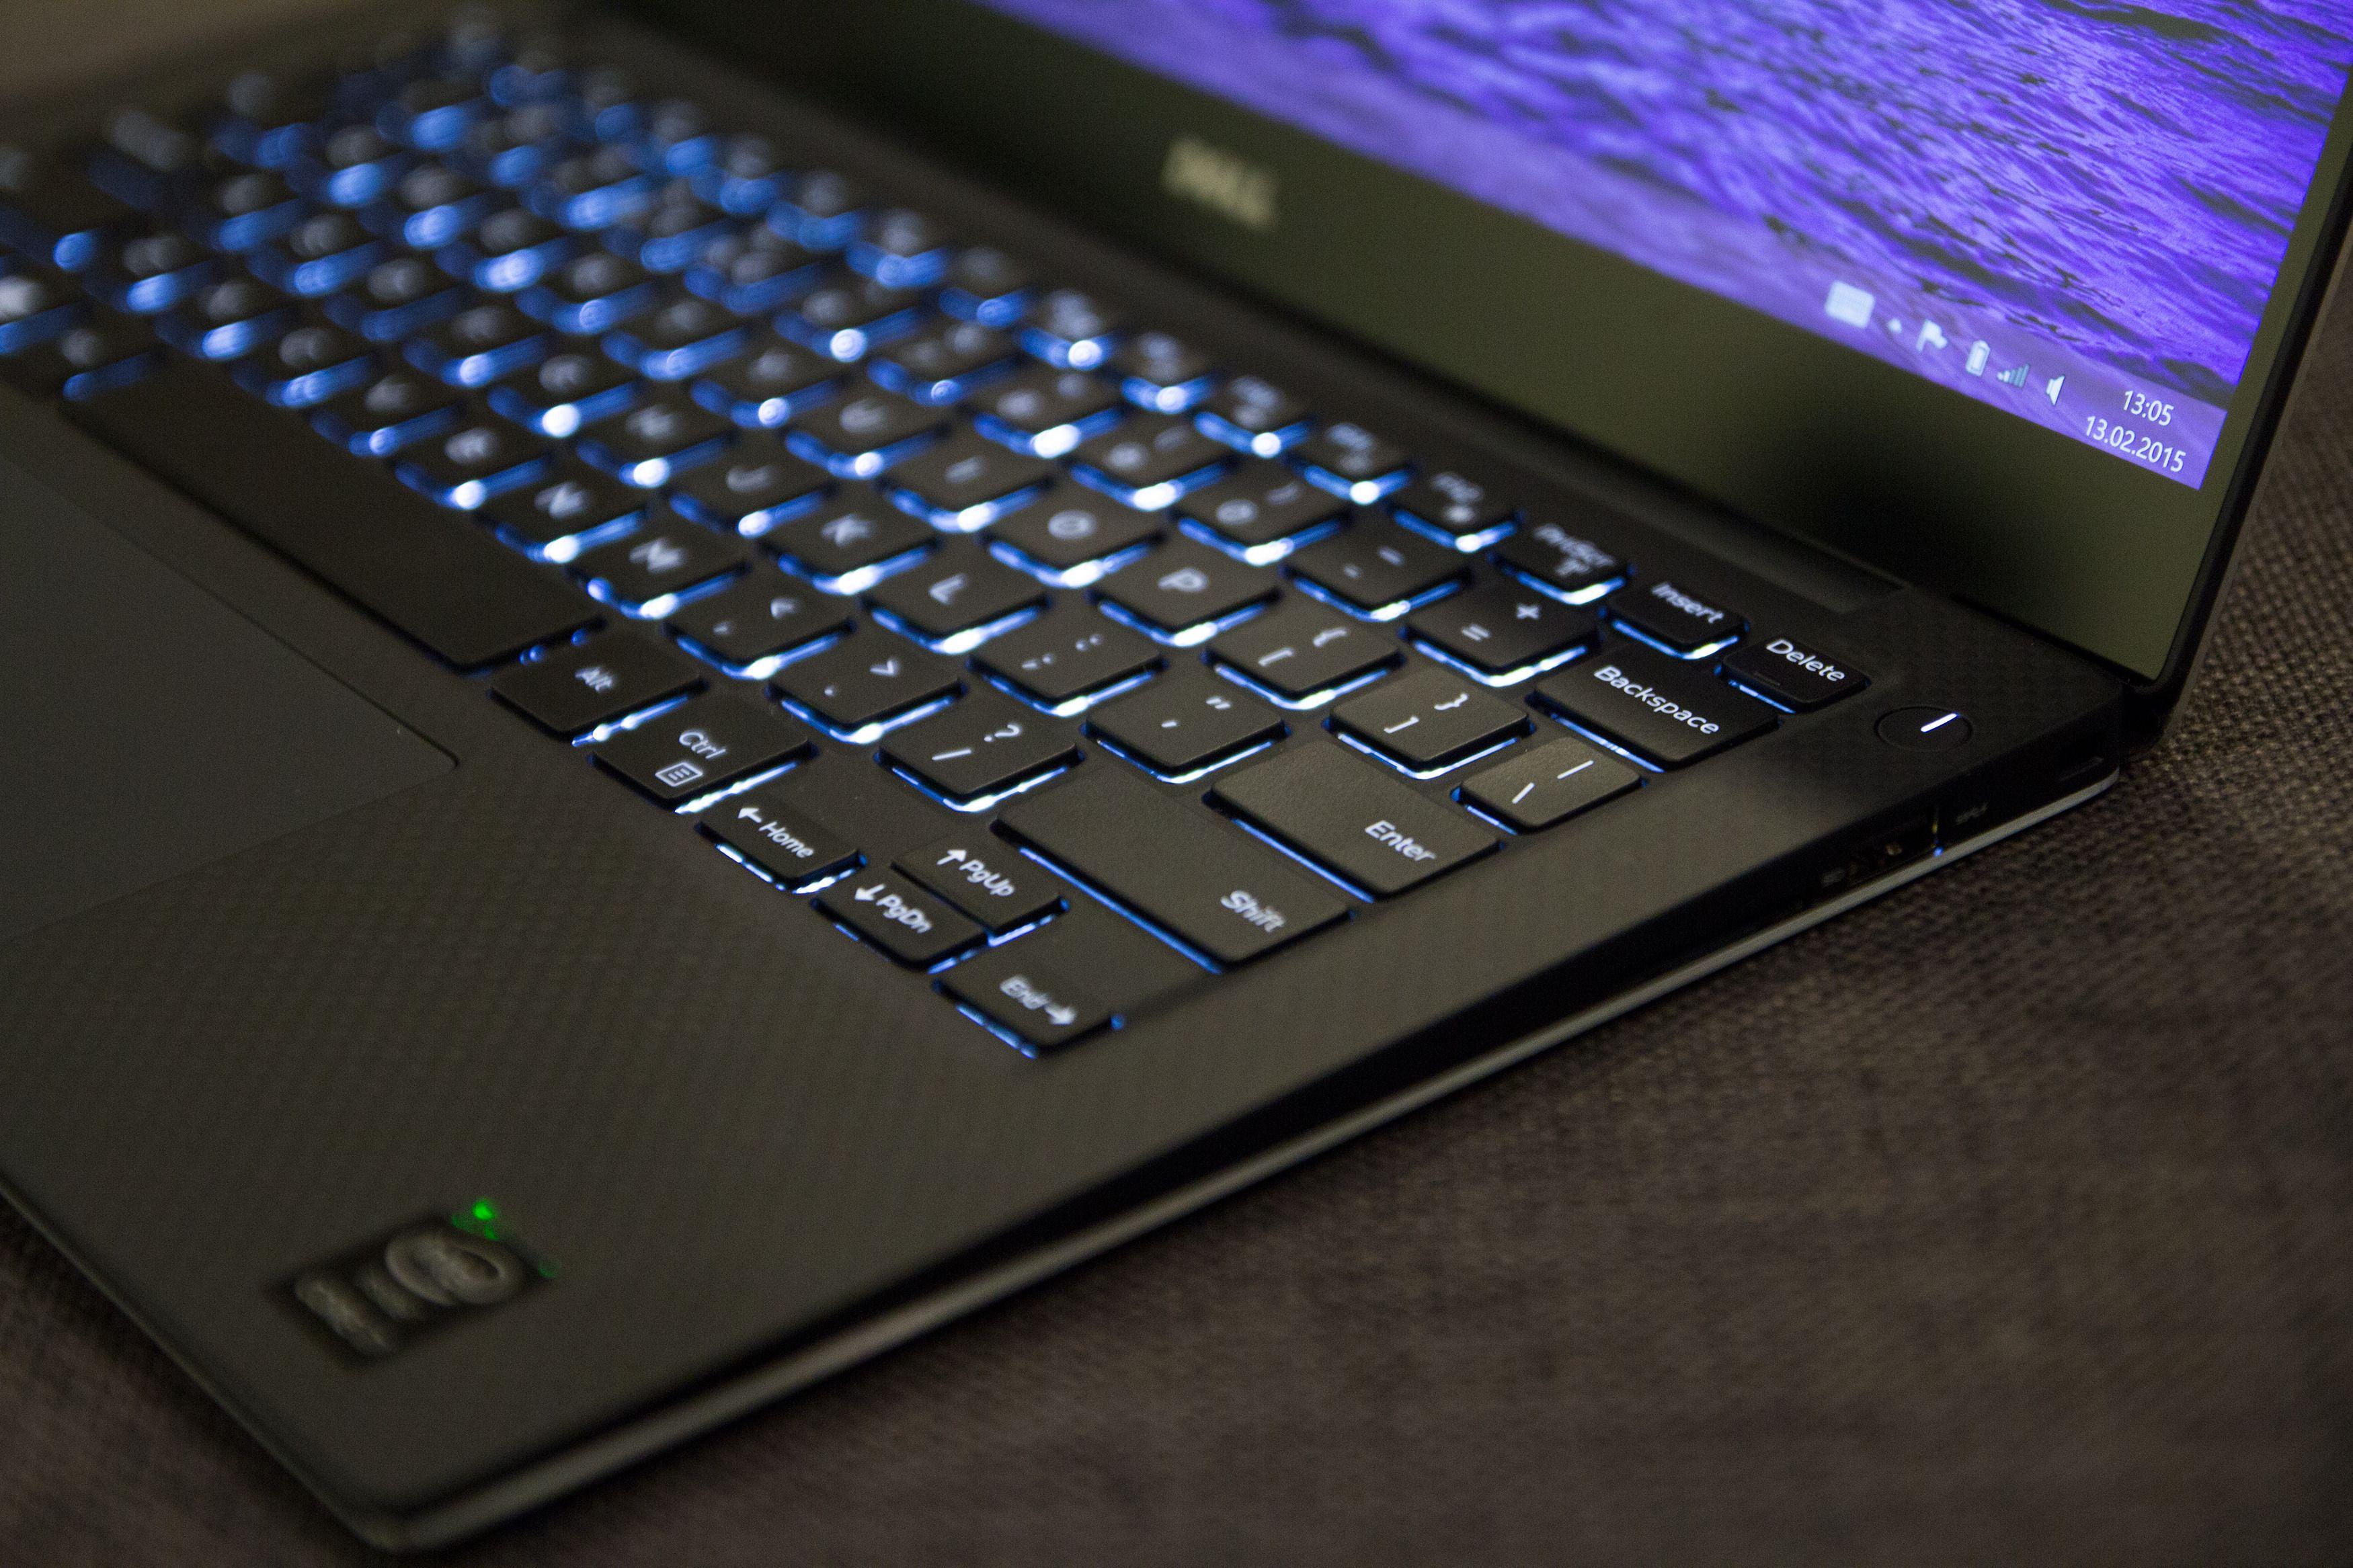 Karbonfiberet glir pent over i det sorte tastaturet, som er bakbelyst. Foto: Anders Brattensborg Smedsrud, Tek.no